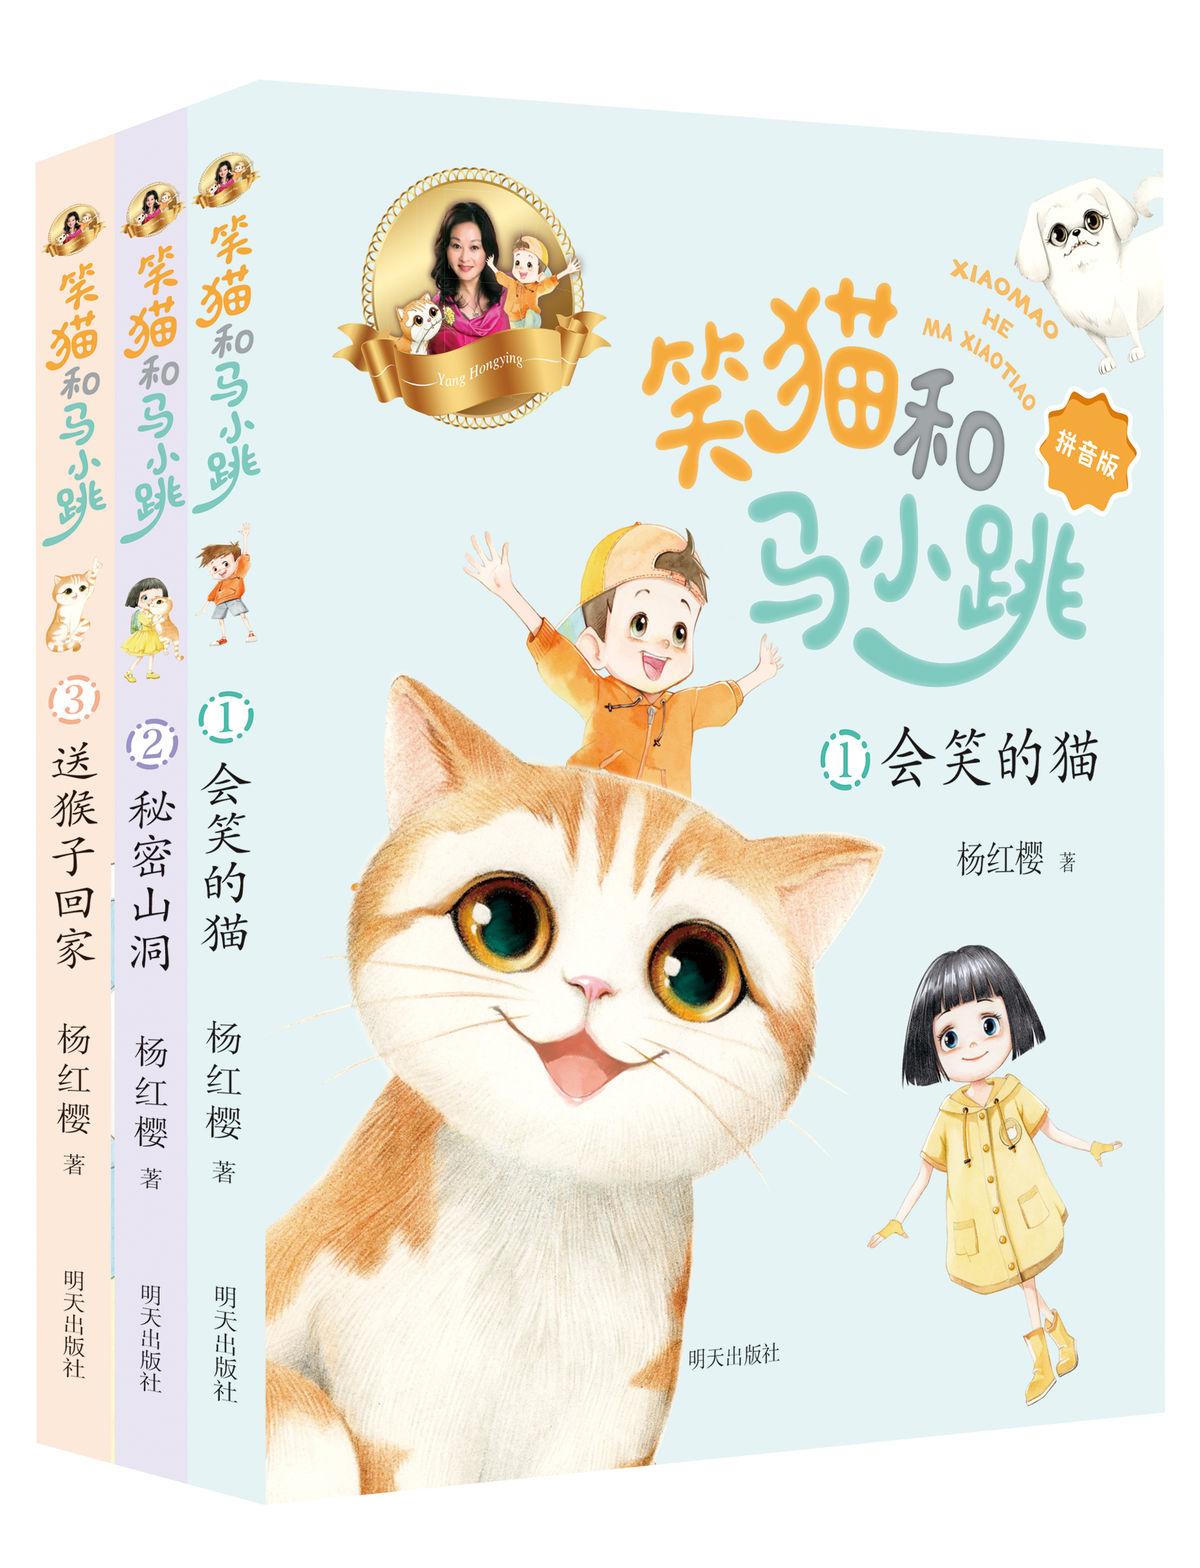 《笑猫日记》发行8000万册纪念活动在书博会举行,如今这一IP又有力作出版!-出版人杂志官网